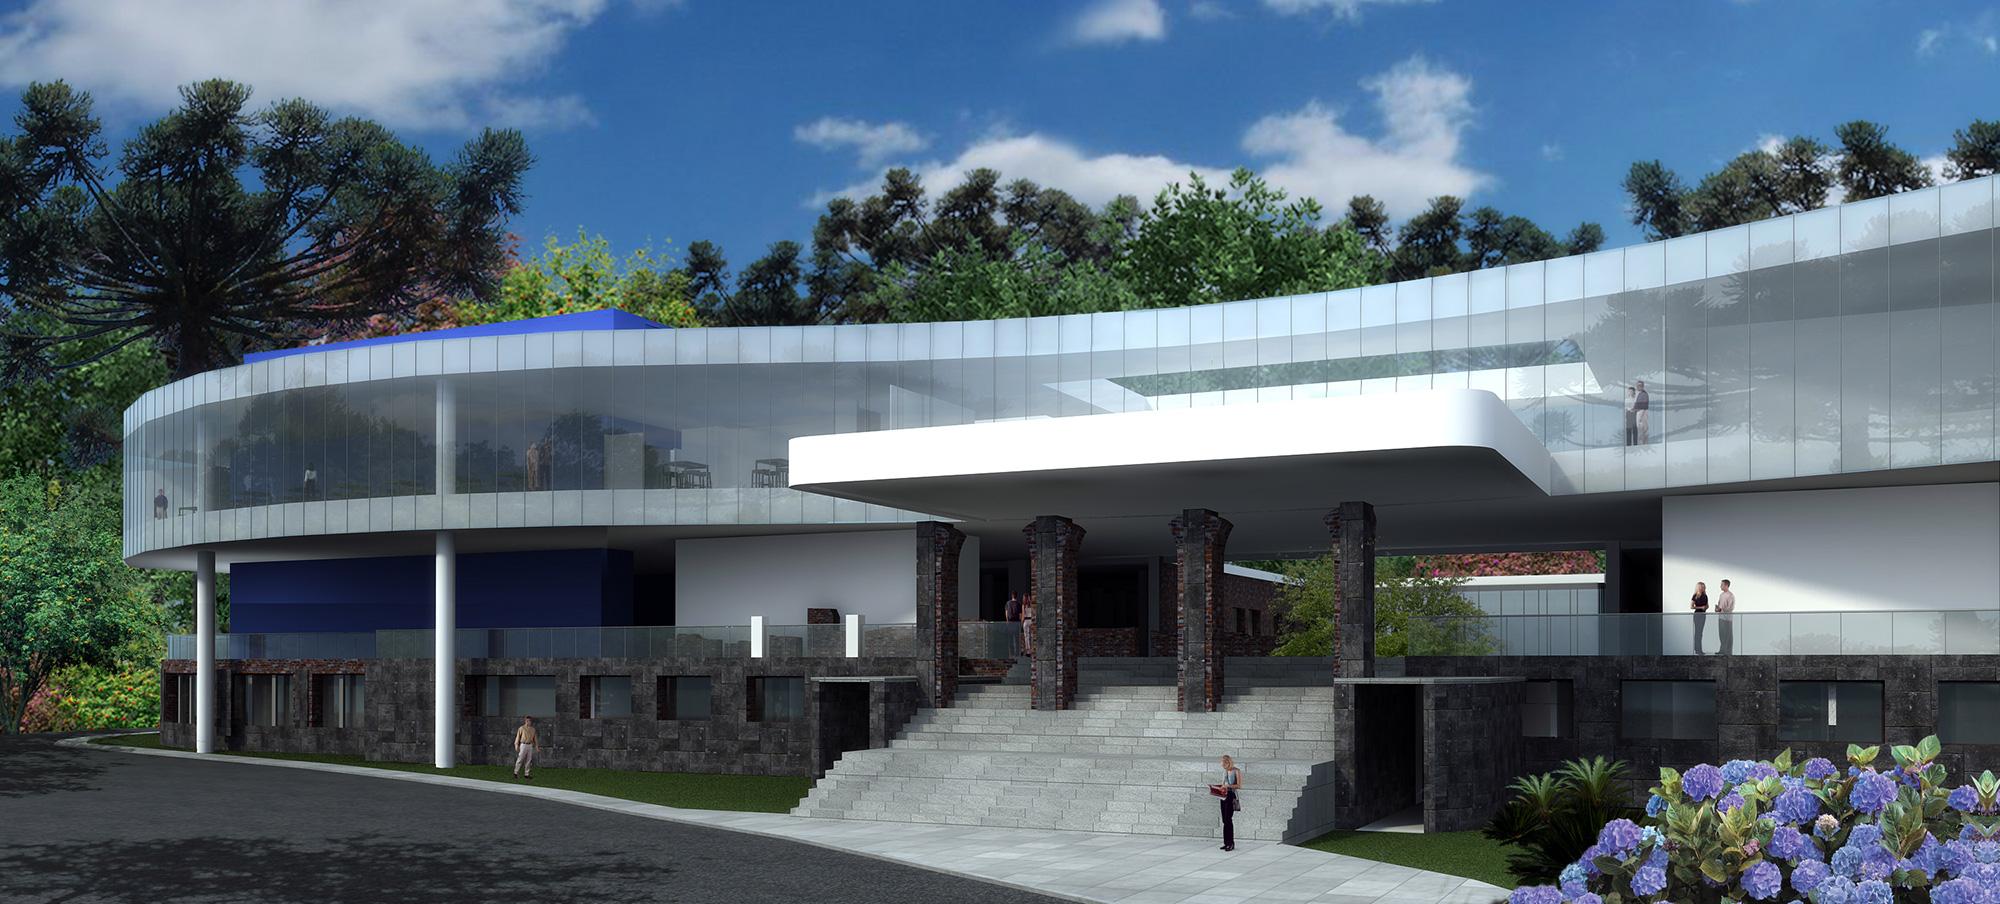 Instituto de Fotografia e Artes Visuais de Canela Slide 01